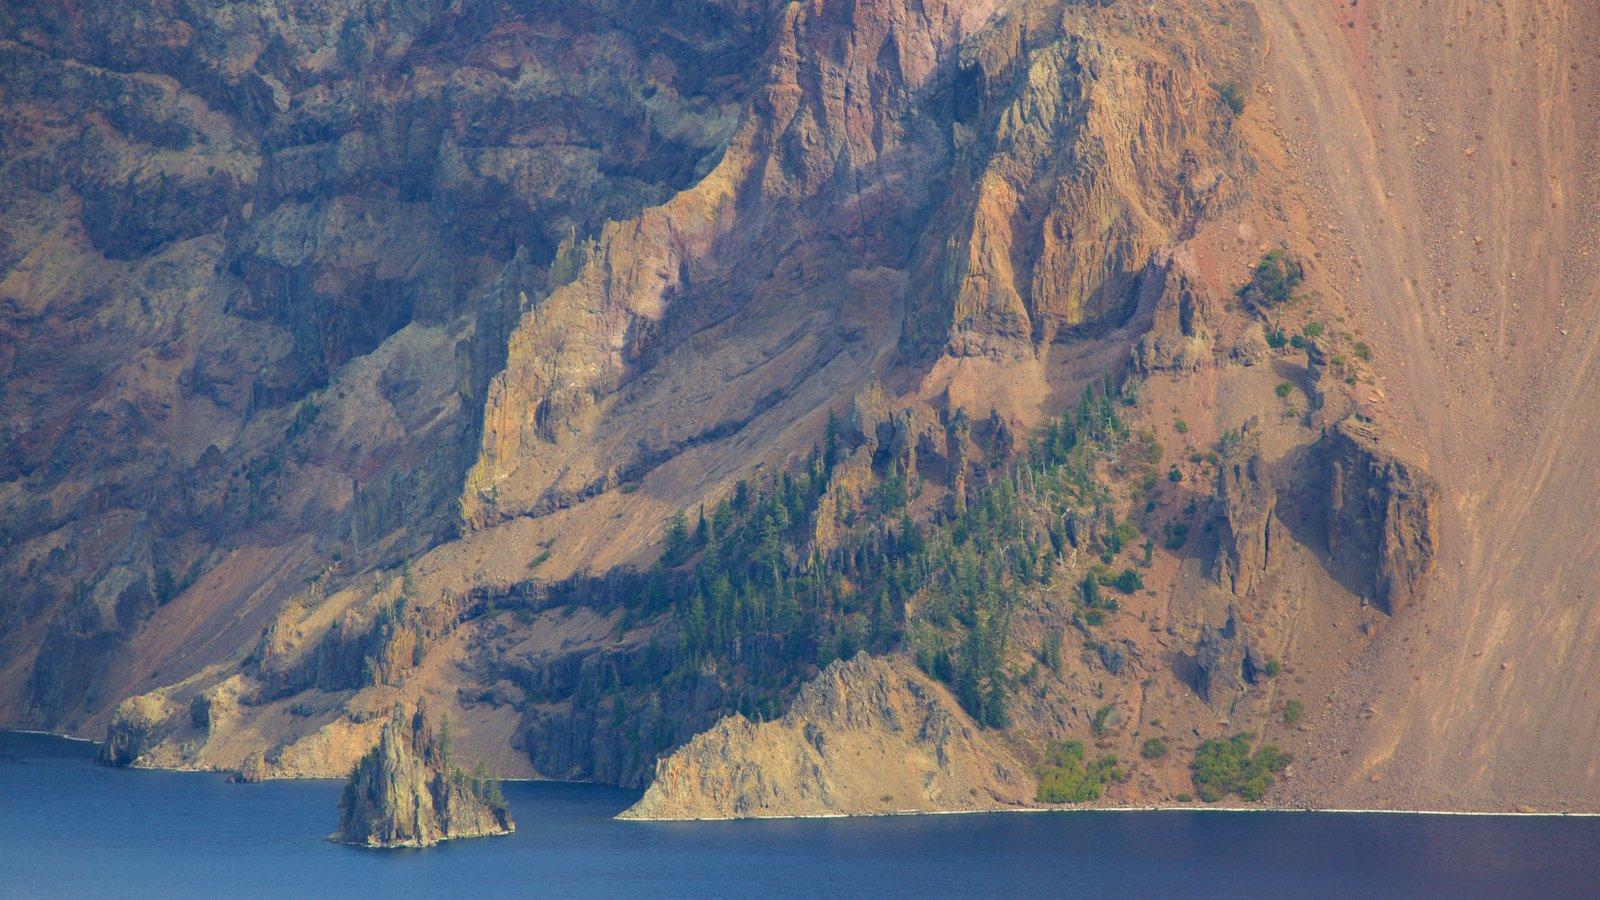 Crater Lake National Park que inclui um lago ou charco, cenas tranquilas e montanhas